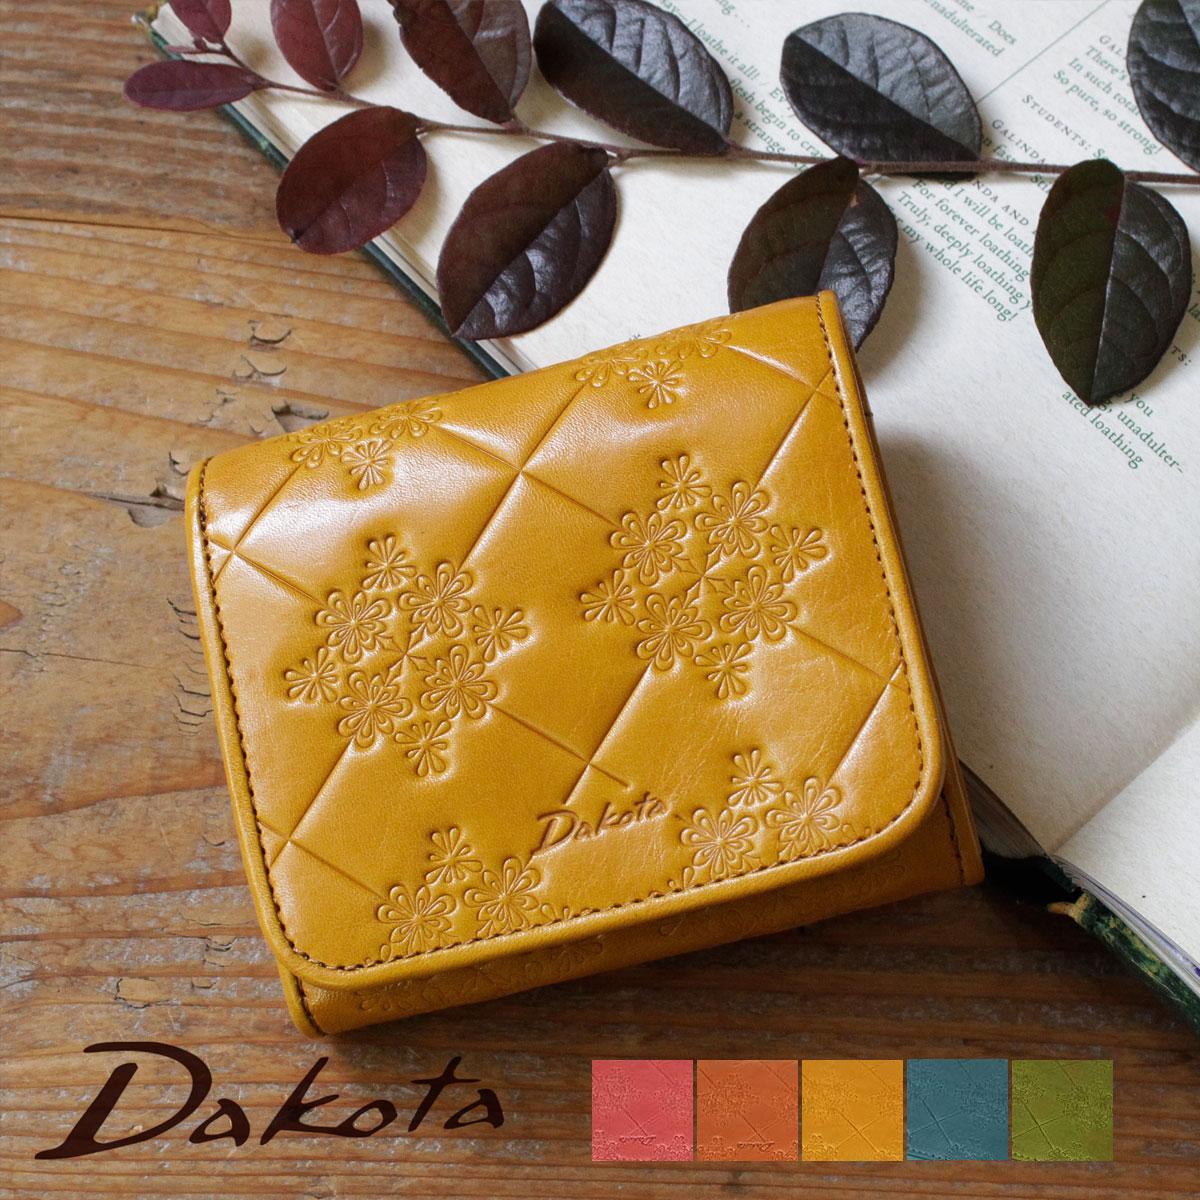 【選べるノベルティ大好評】2折財布 Dakota ダコタ モナ イタリア製牛革 0035564